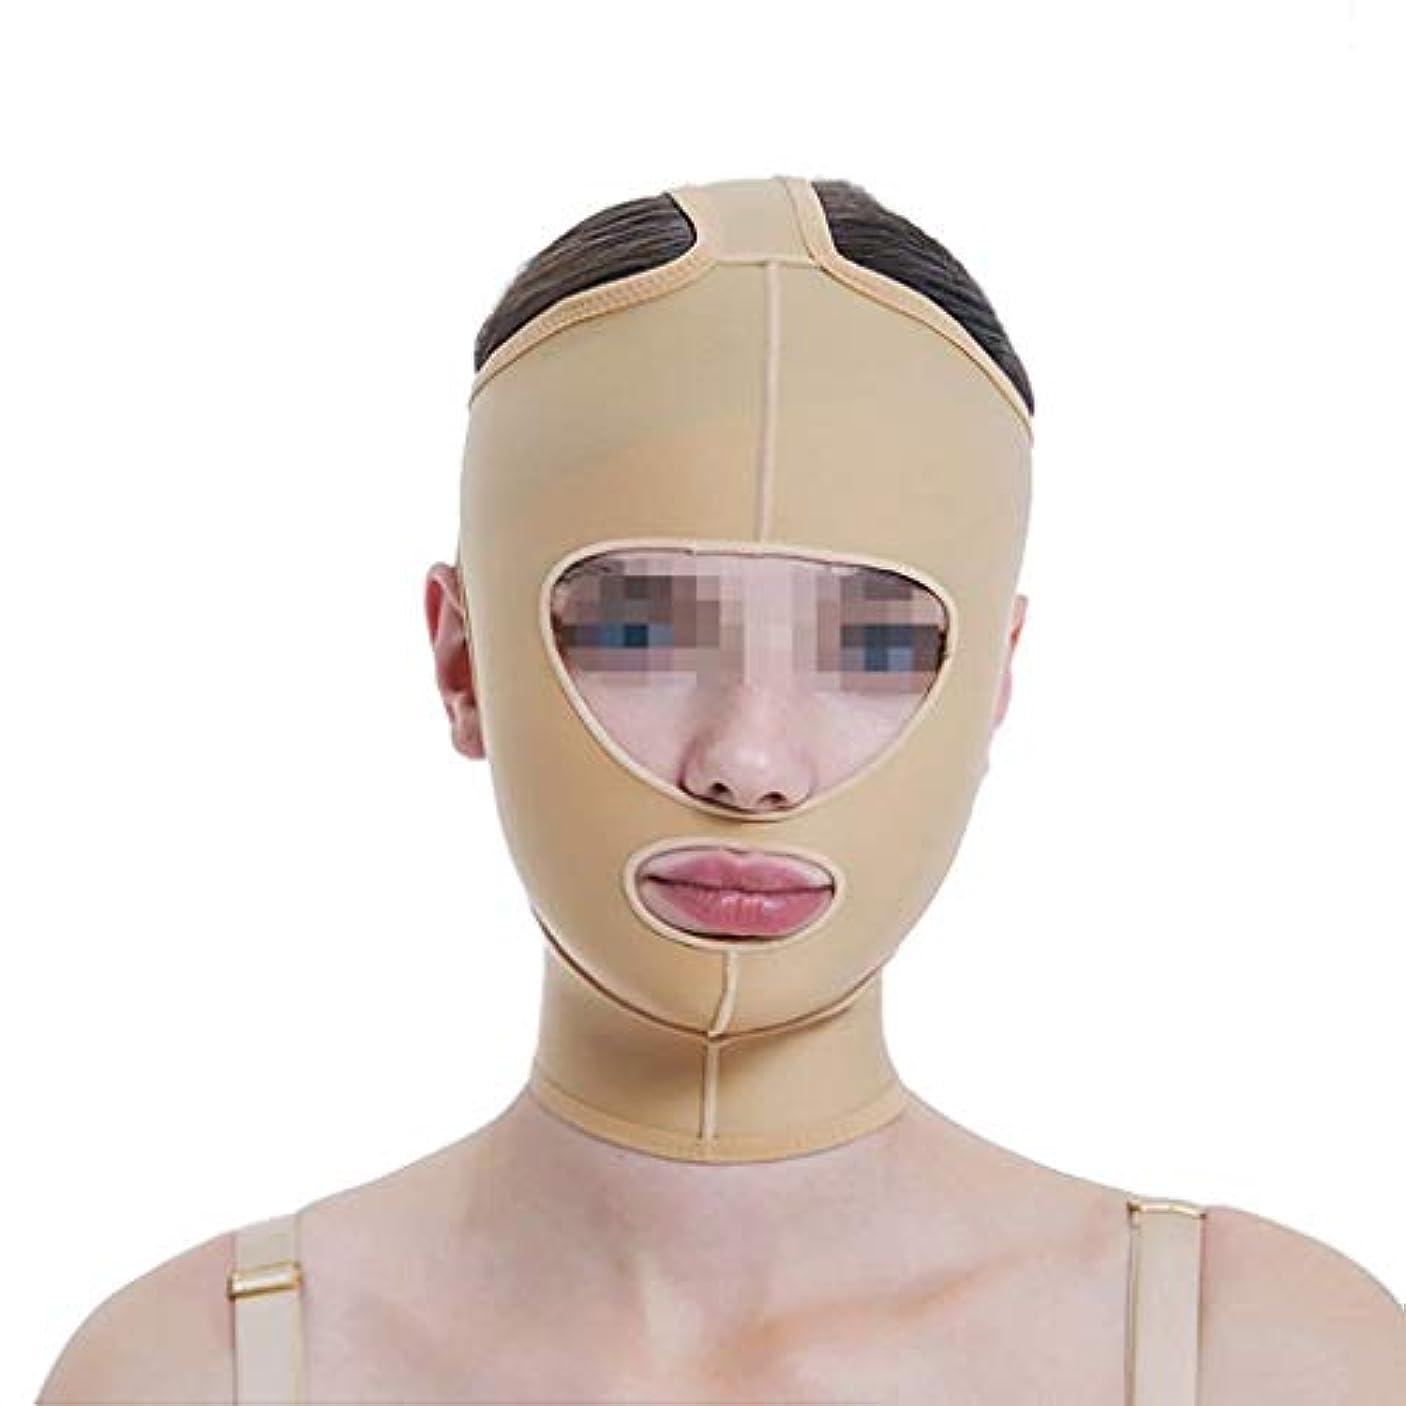 新しい意味女の子ブランデーフェイスリフトマスク、ラインカービングフェイスエラスティックセットシンダブルチンVフェイスビームフェイスマルチサイズオプション(サイズ:M)